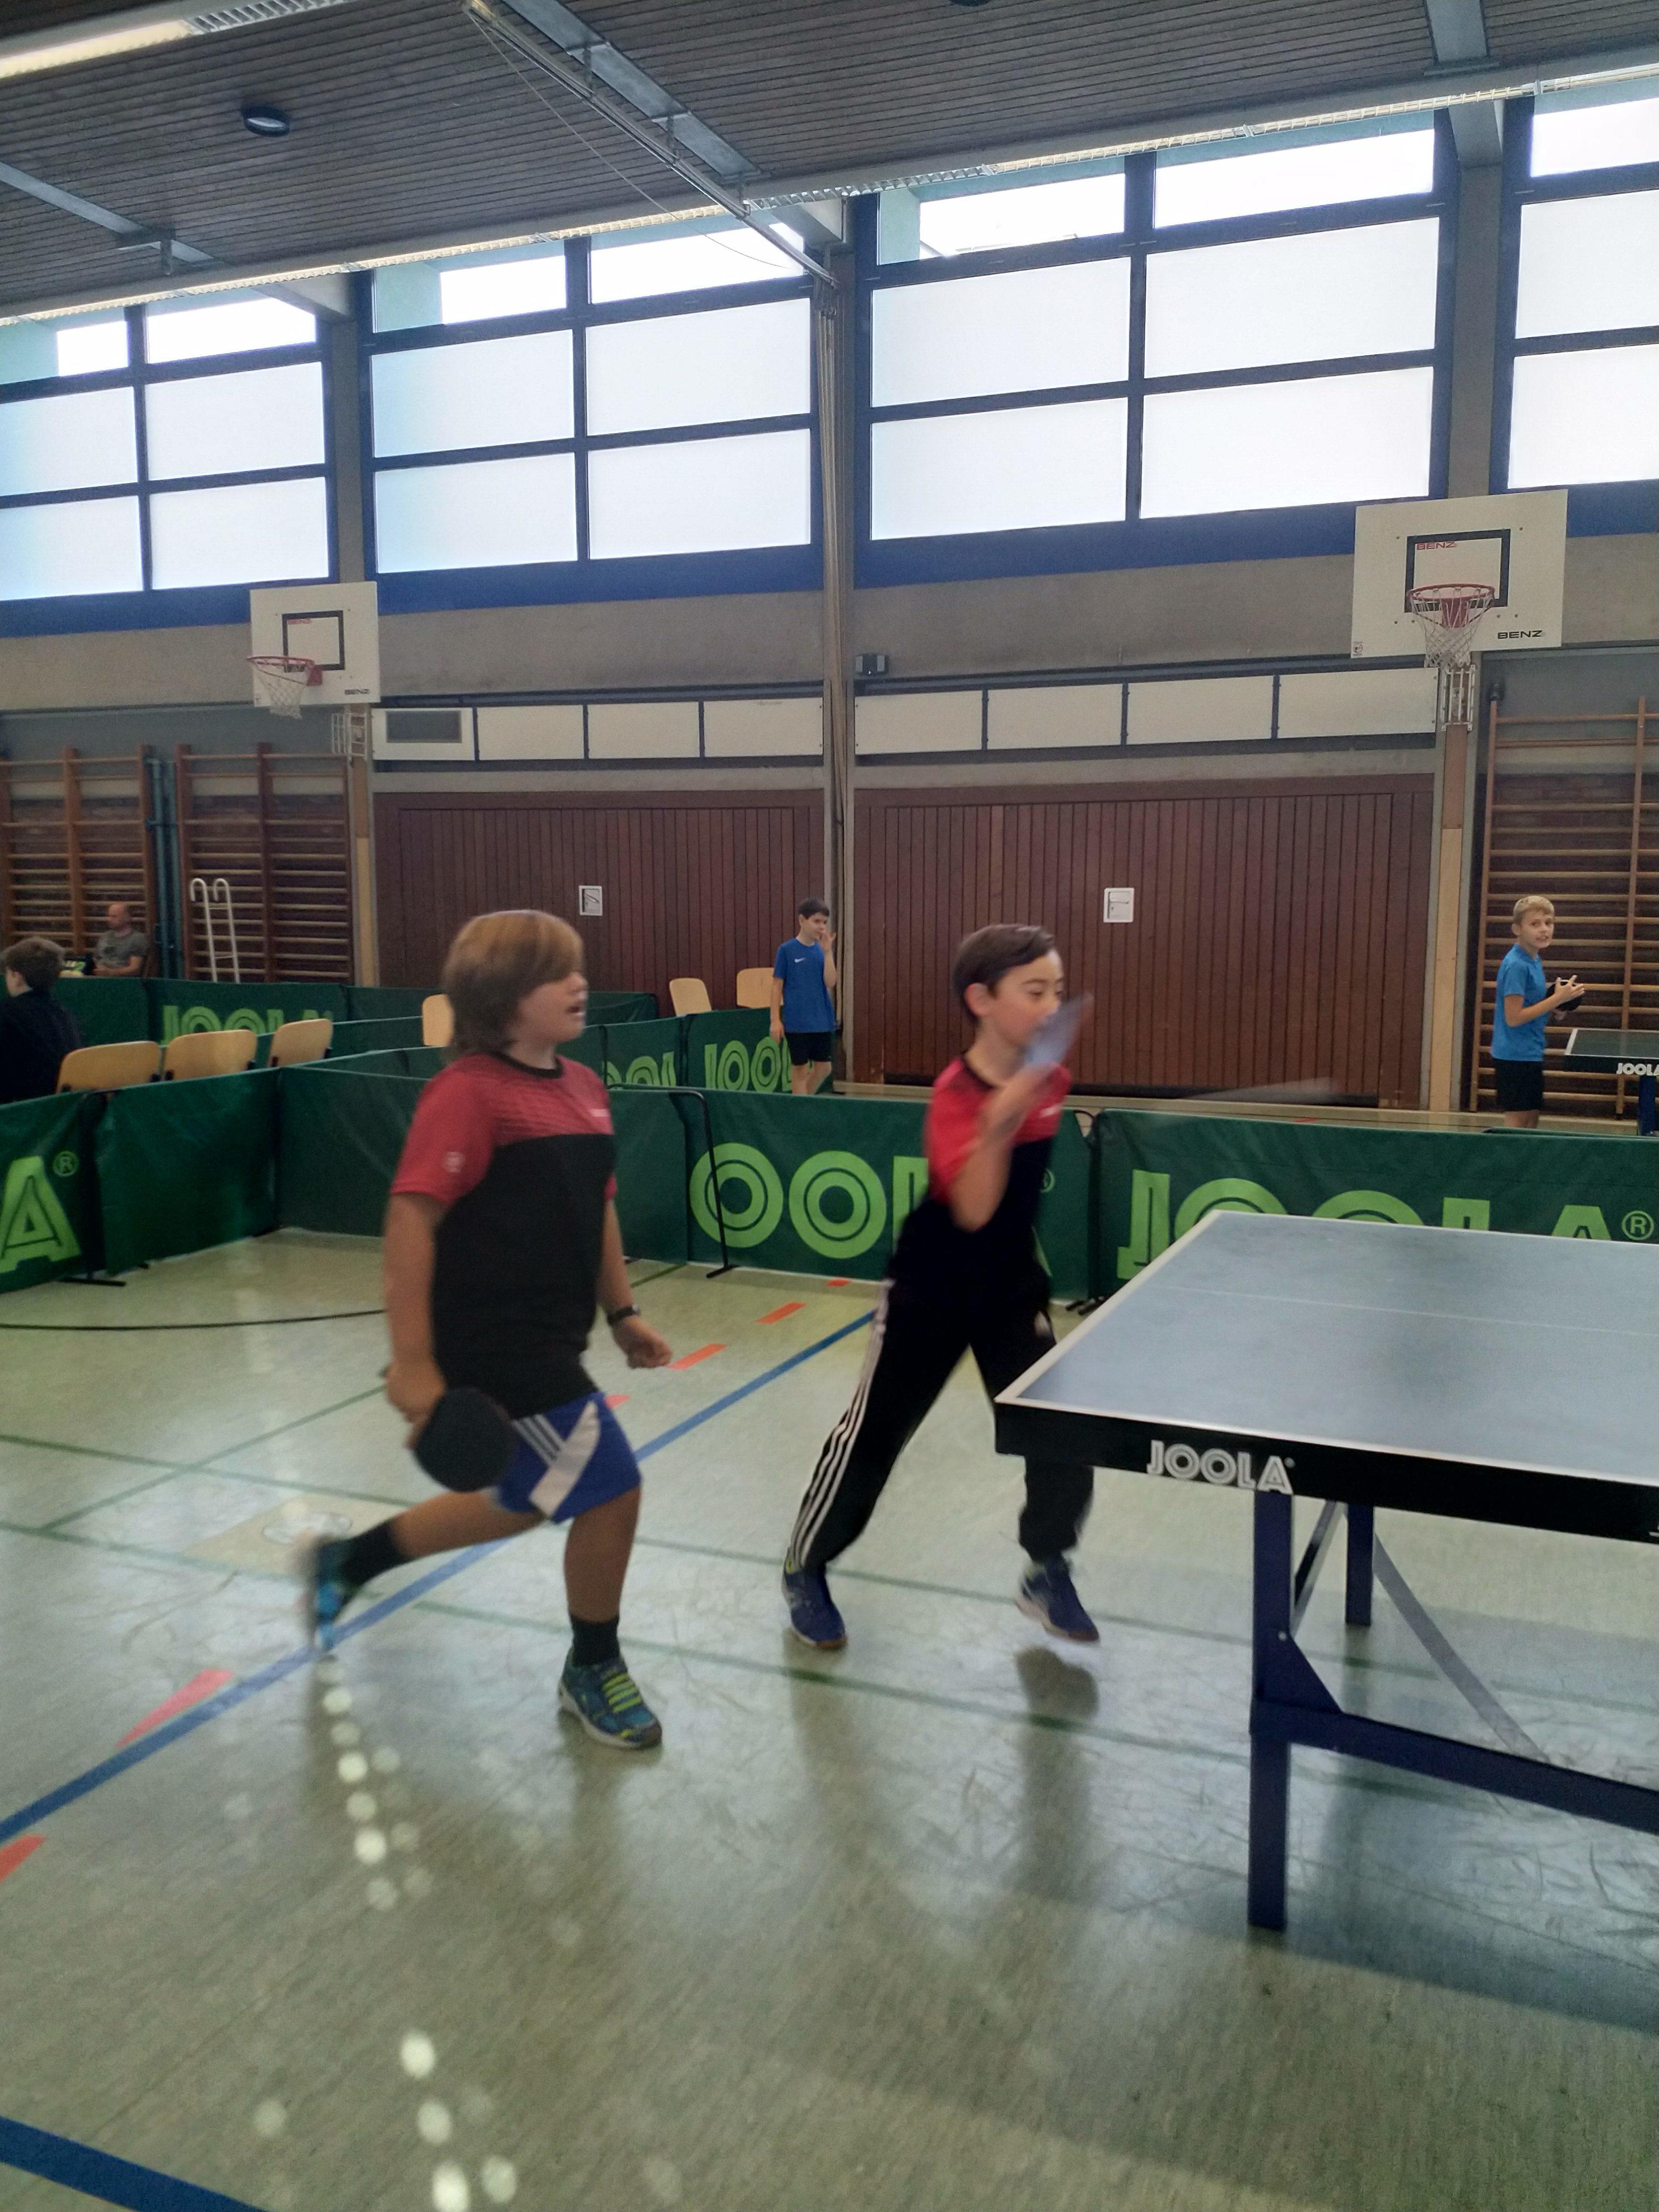 Voll die dynamische Sportart - Moritz und Paul beim Einspielen in Hockenheim